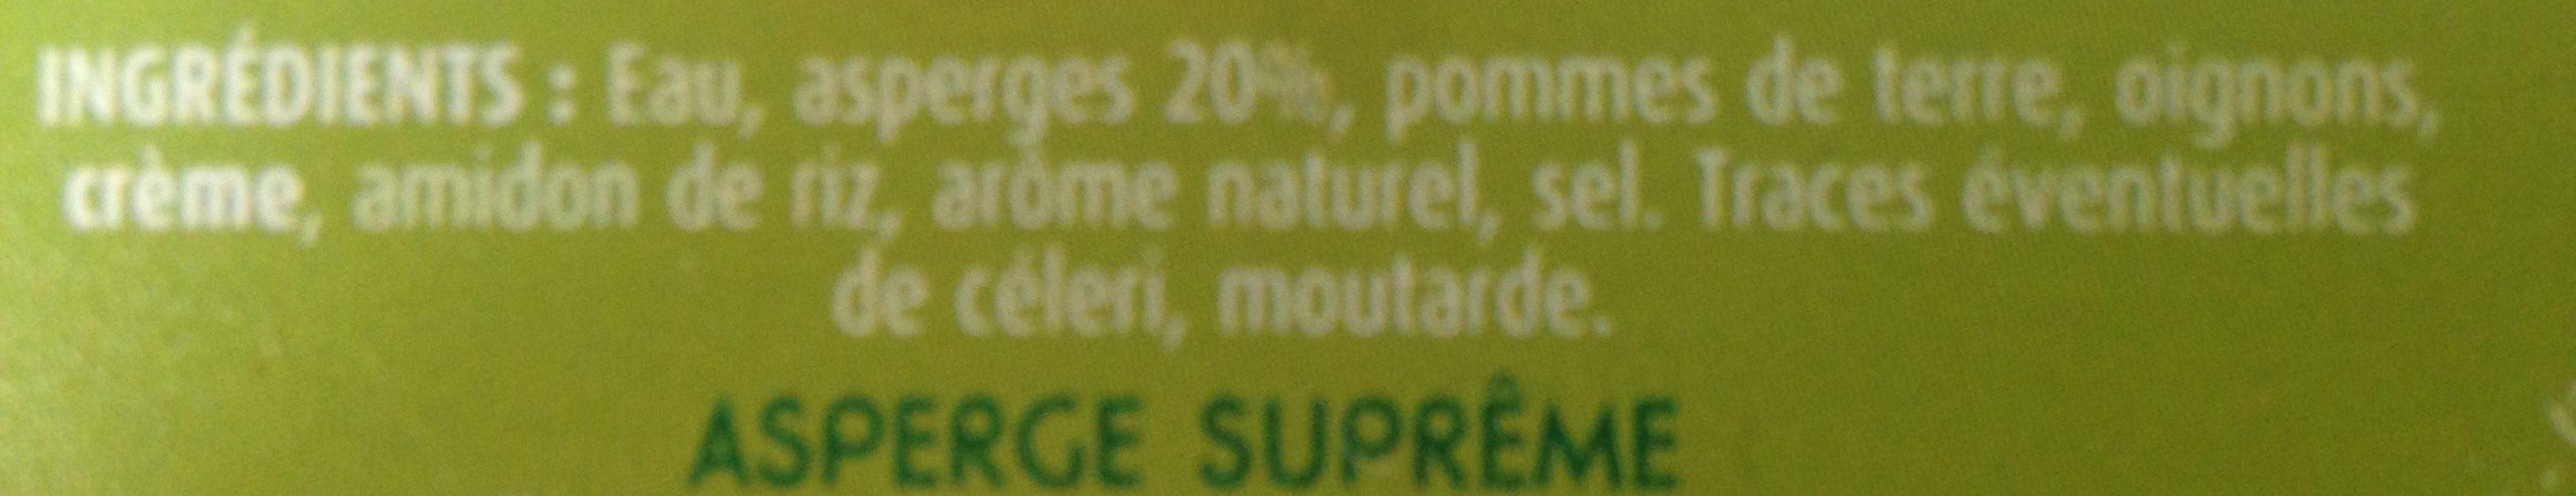 Soupe de légumes Suprême Asperge, pot - Ingrediënten - fr